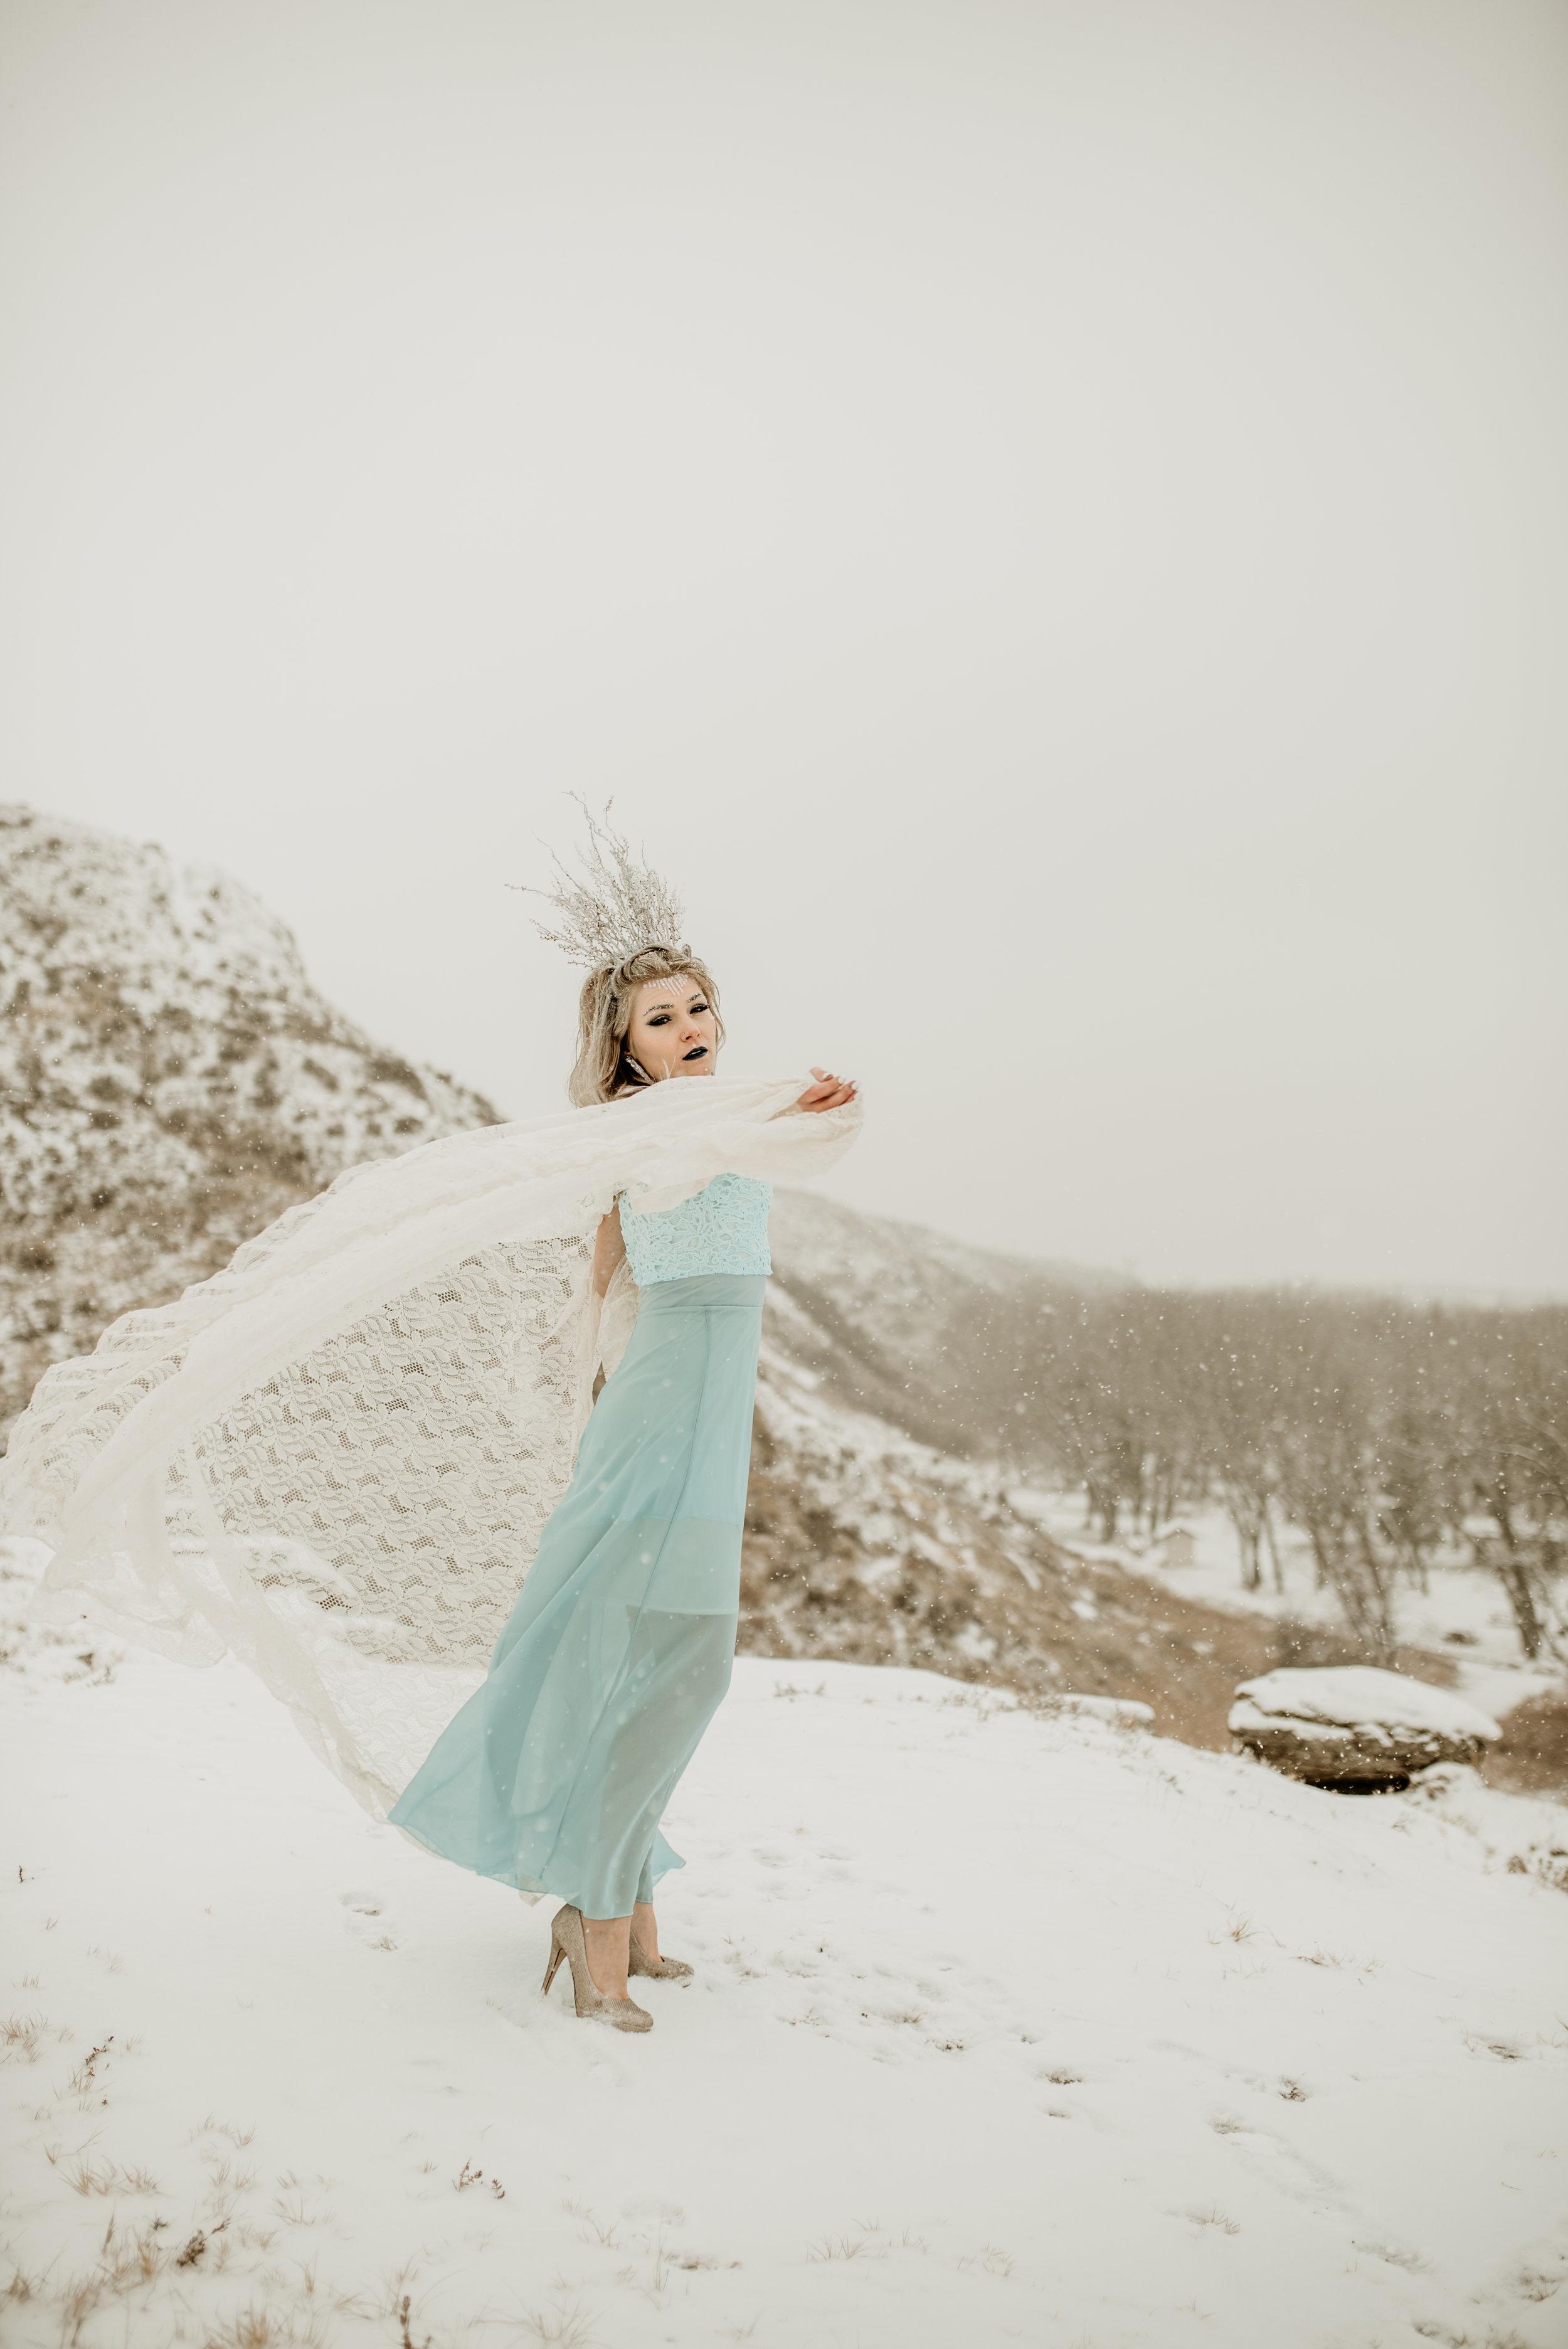 snow queen - jade-17.jpg